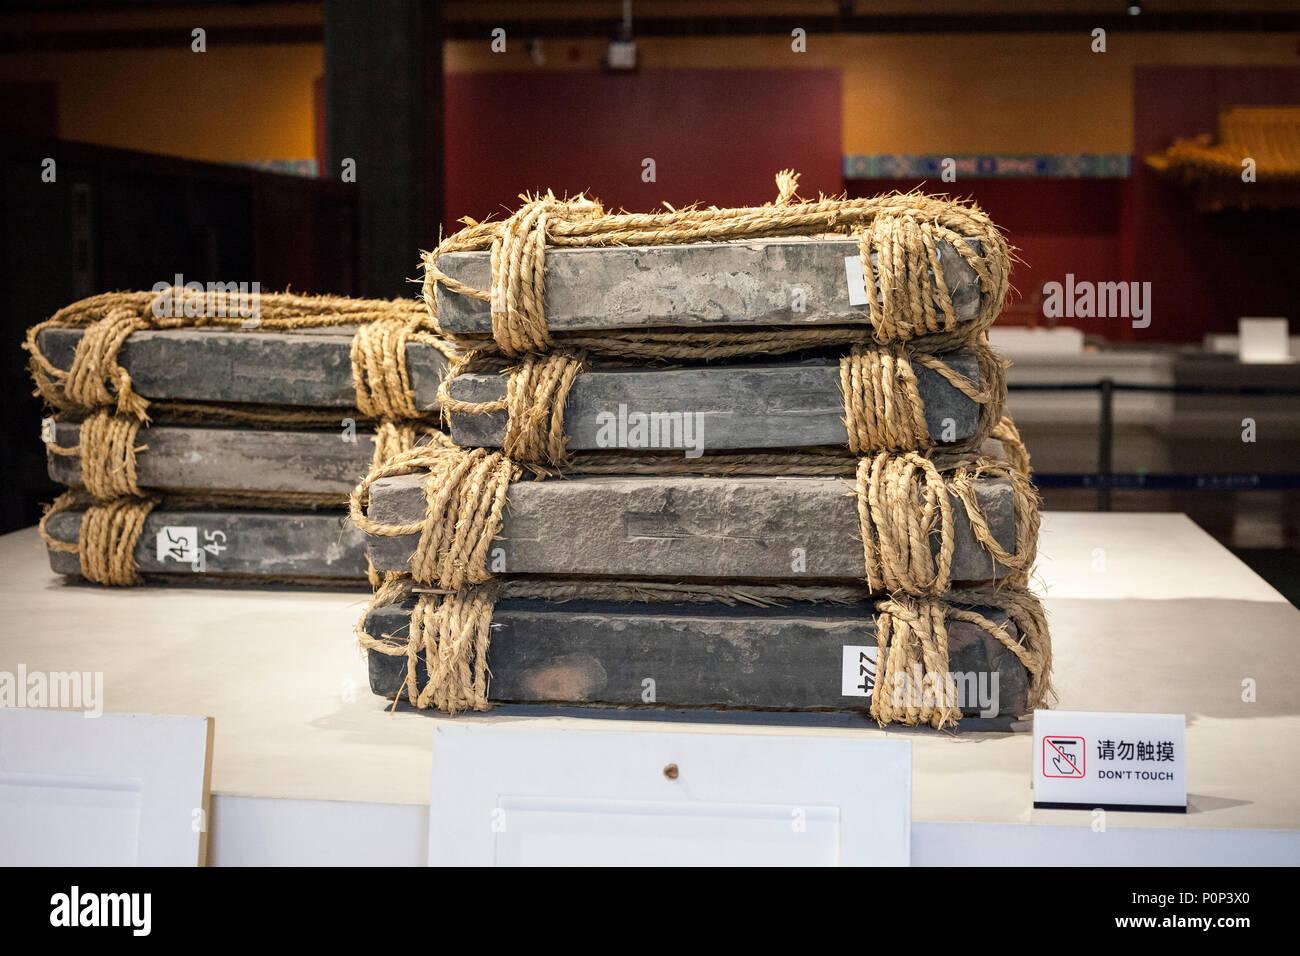 Suzhou jiangsu cina mostrare che mostra come le piastrelle sono